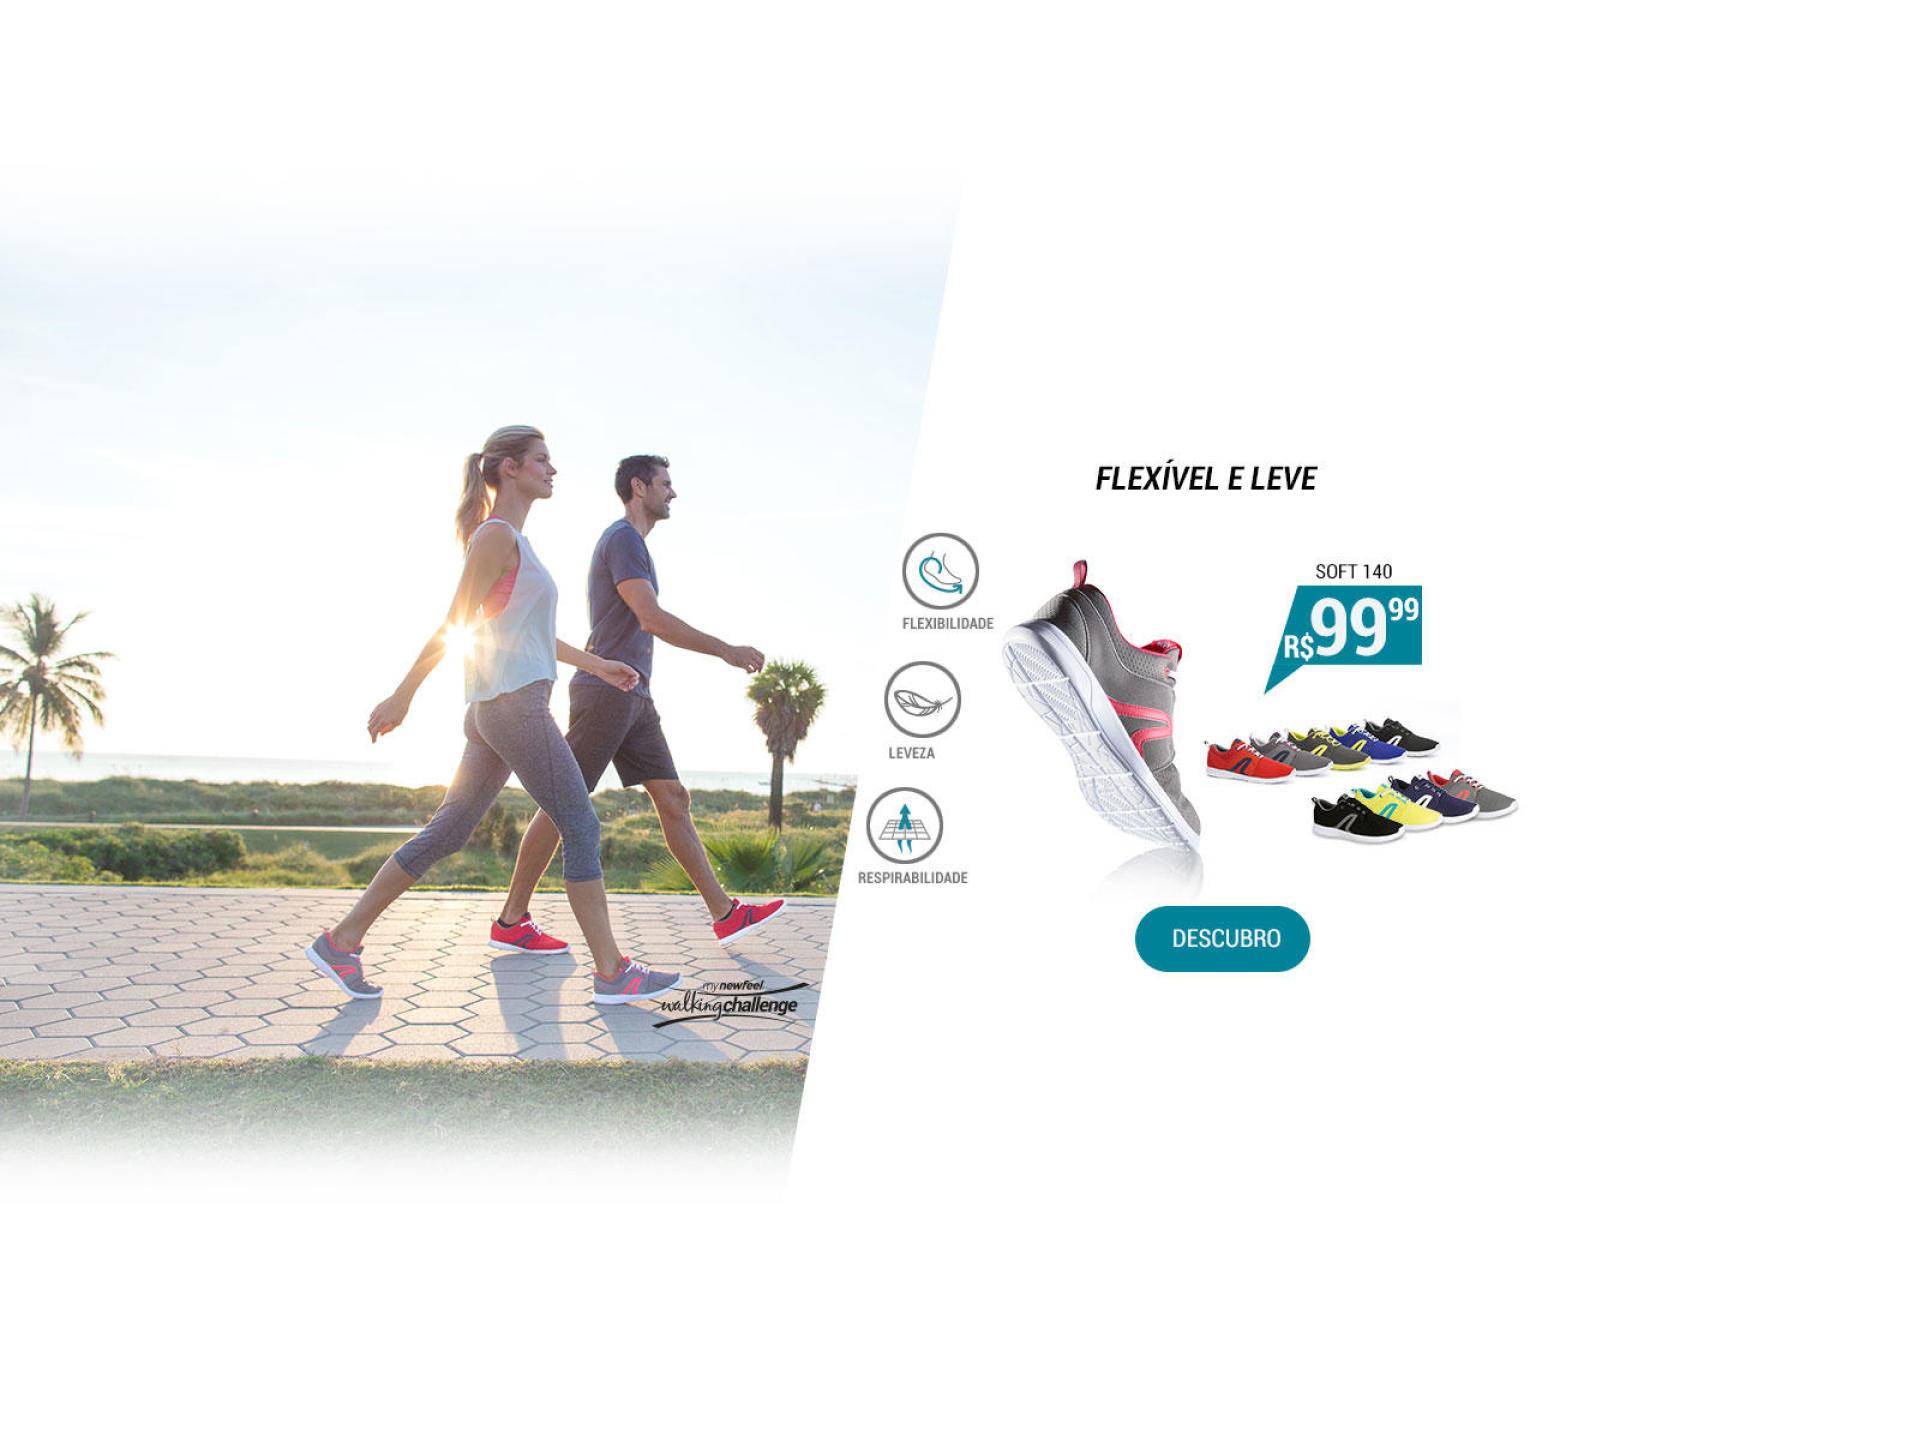 Tênis de caminhada ativa Soft 140 - Flexível e leve